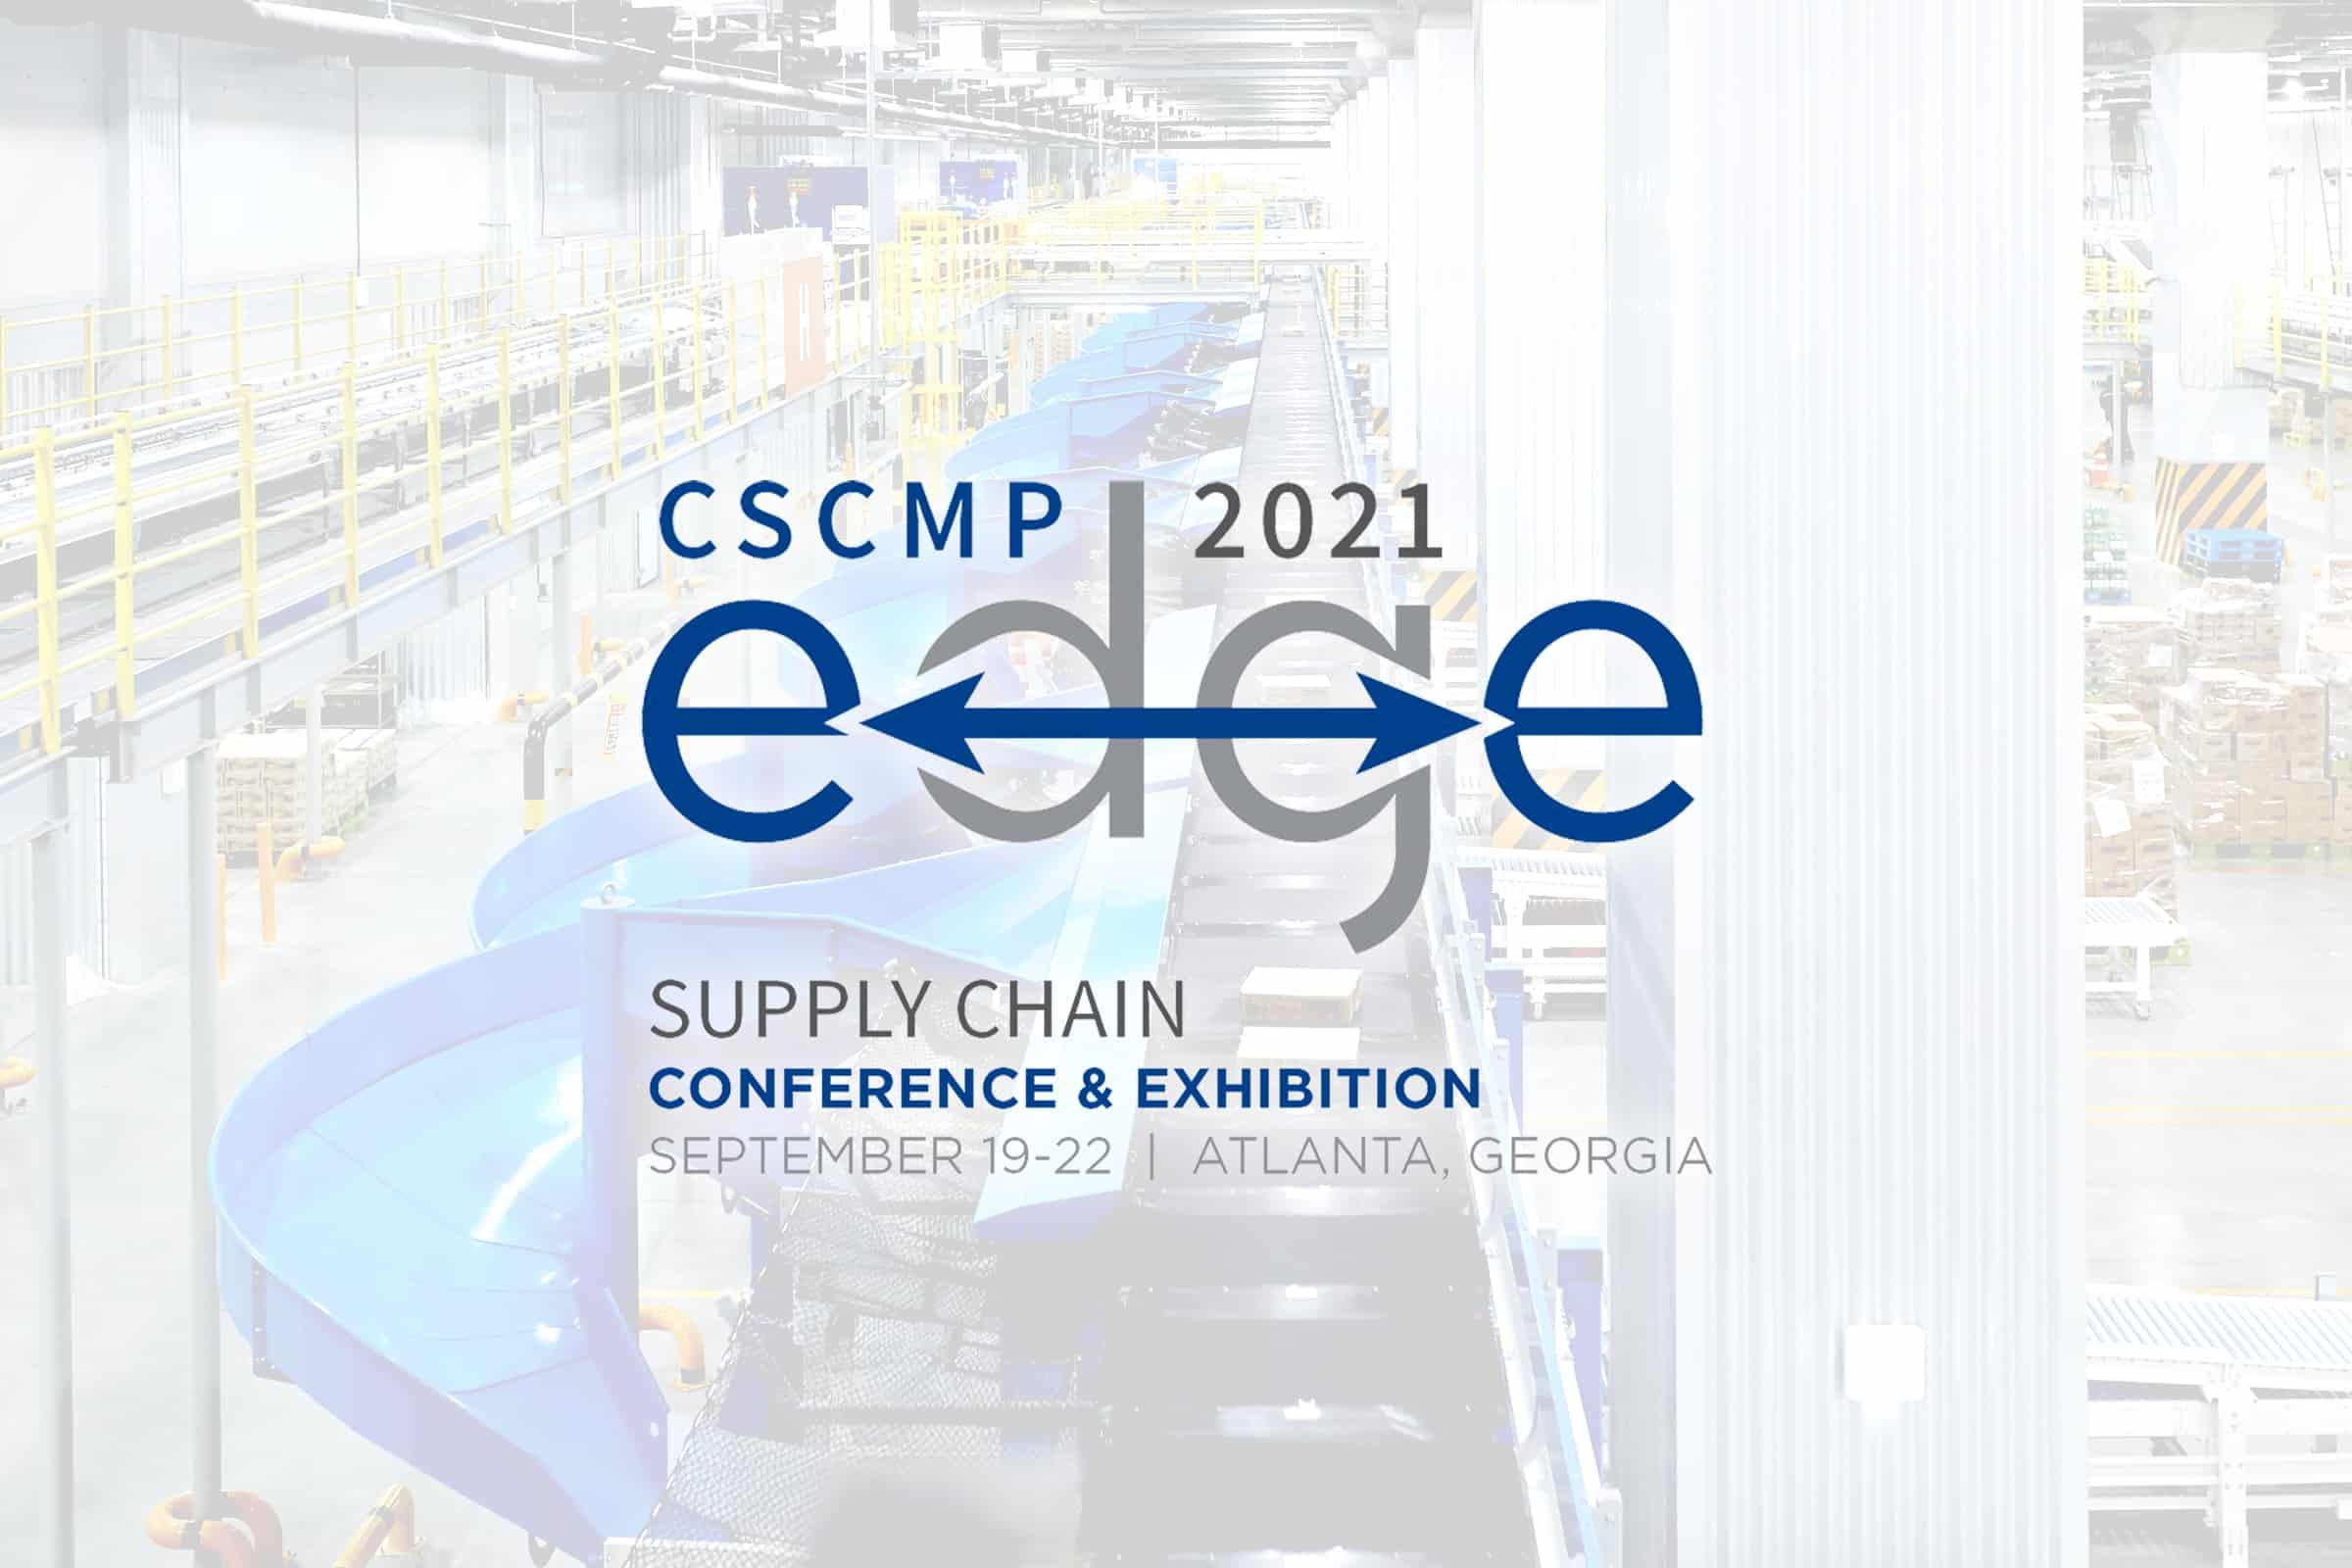 cj logistics america, 3pl, cscmp, edge